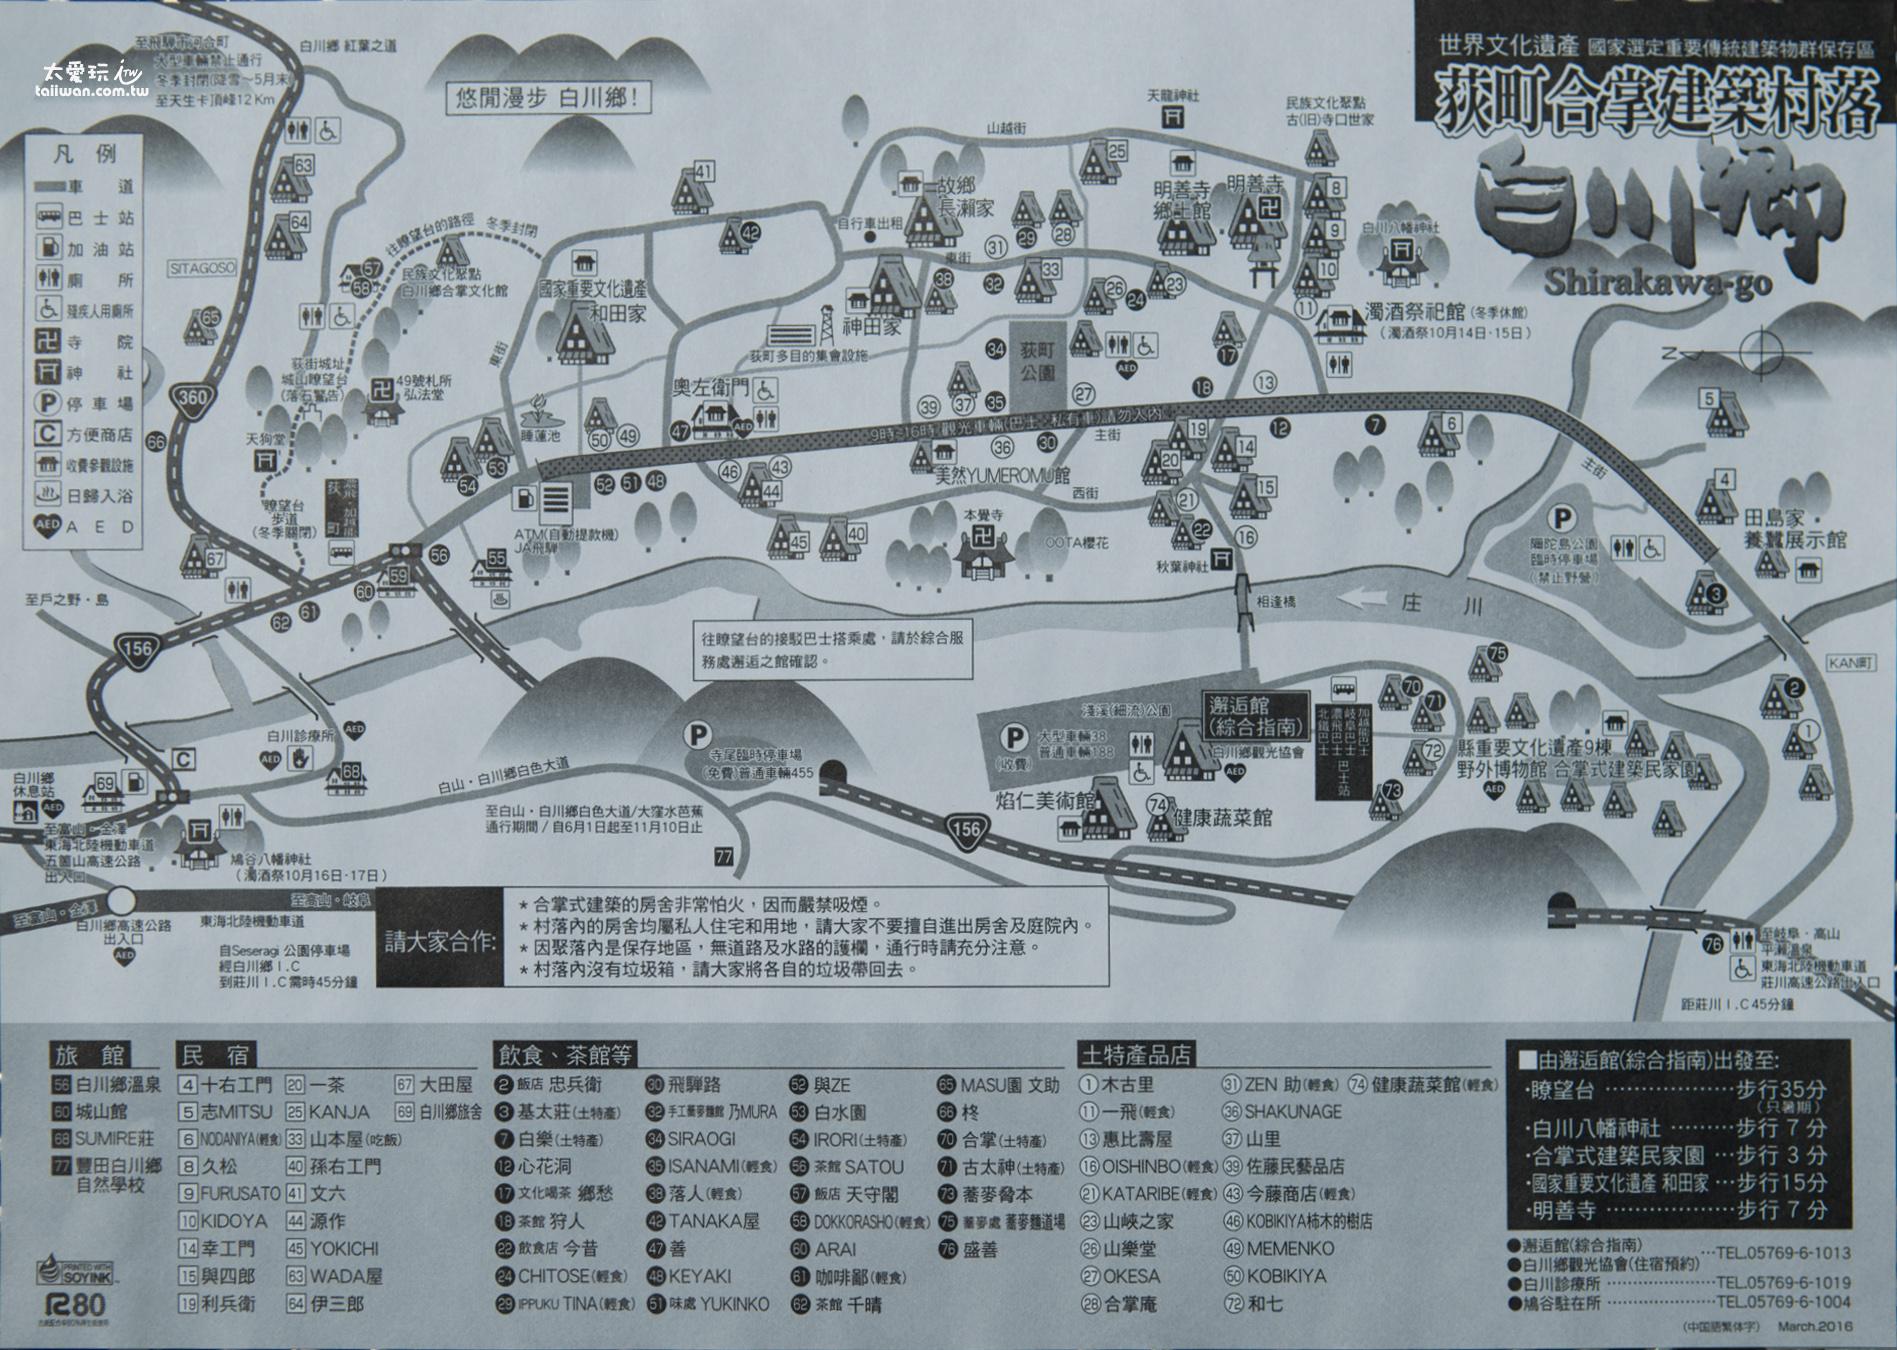 合掌村地圖(點我看大圖)